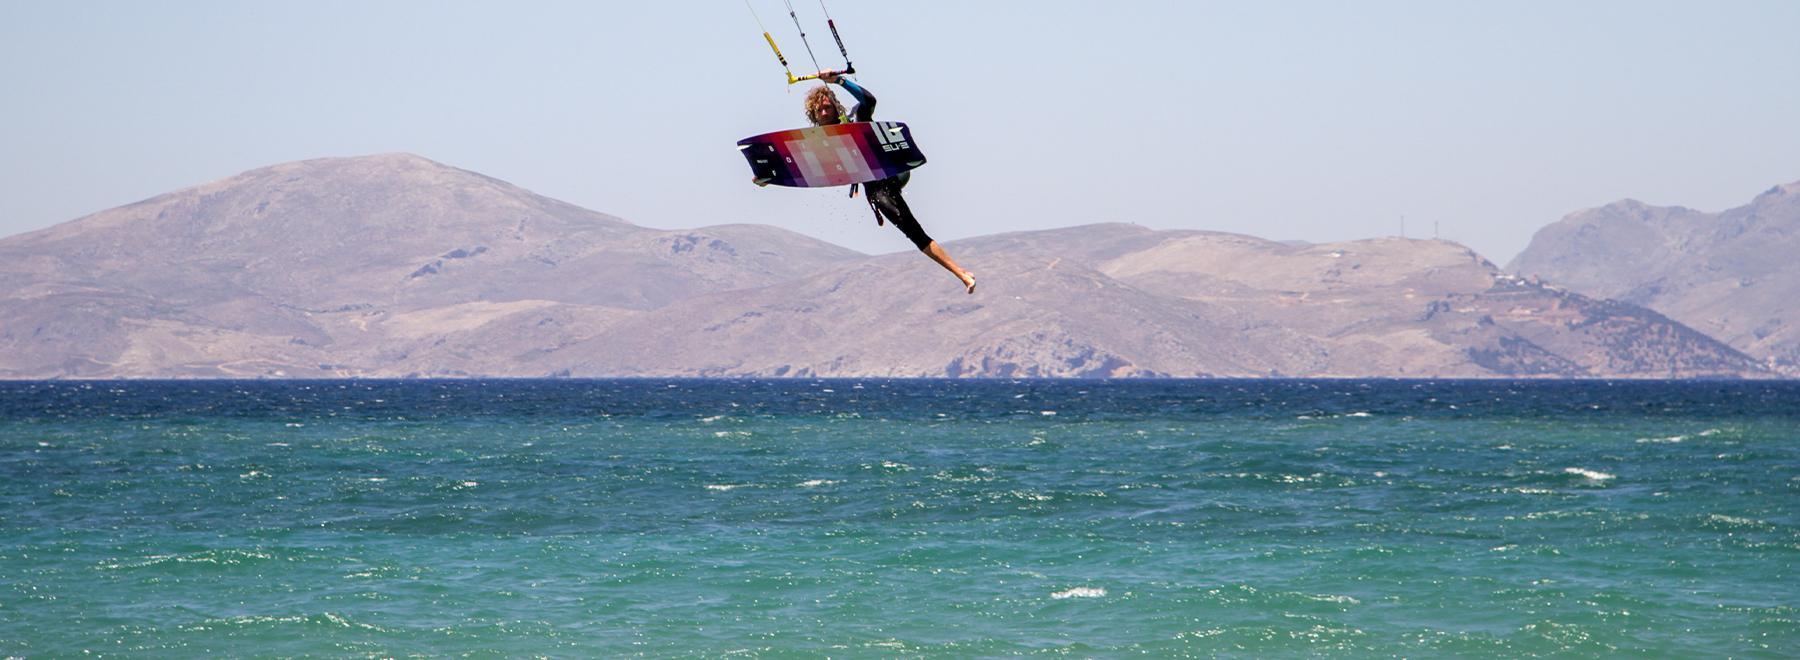 Kitesurfen in Griechenland